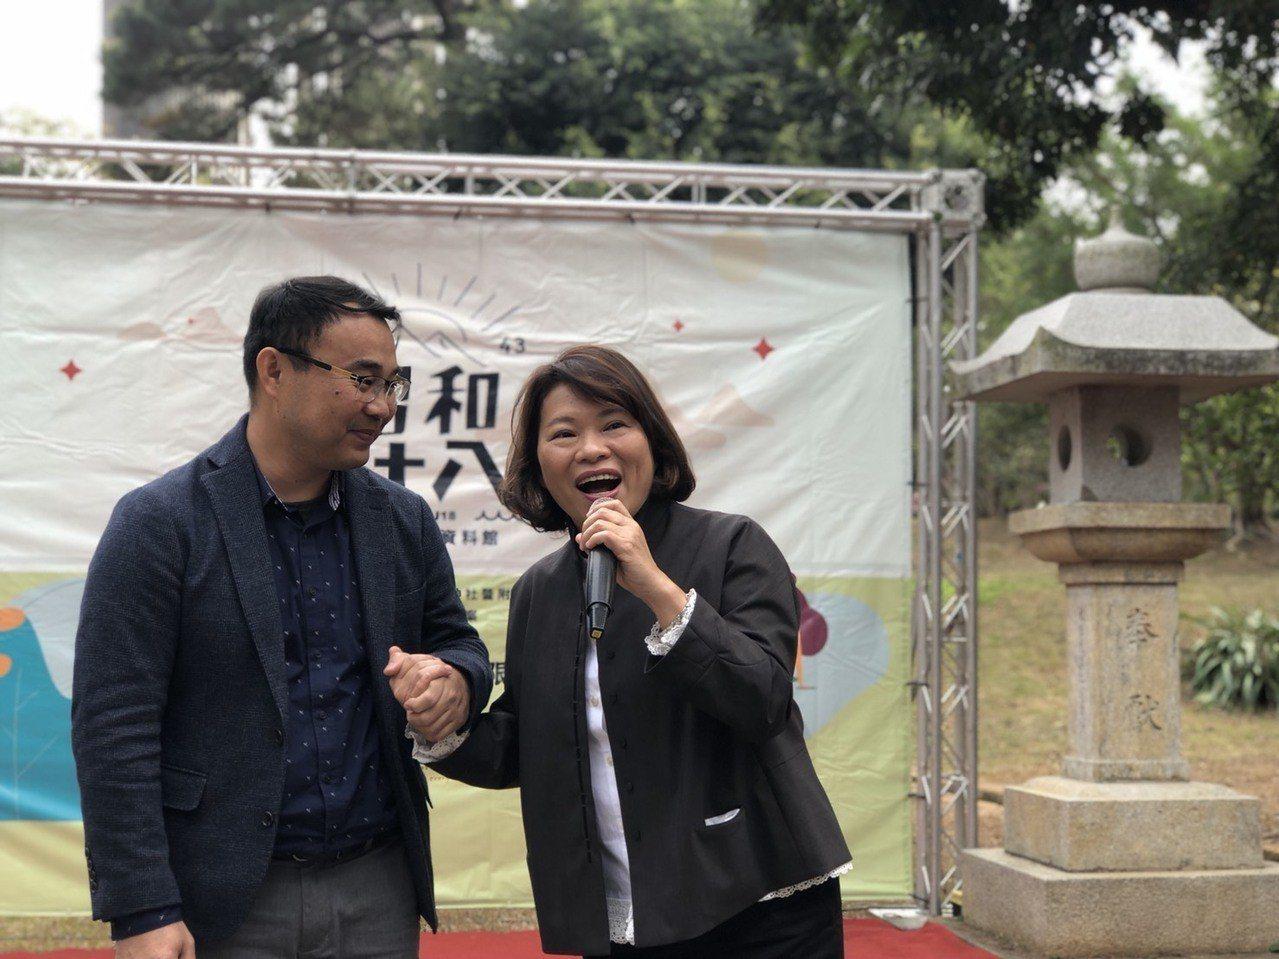 「對了出發文化創意有限公司」執行長葉欣芝說,過去幾個月與古蹟深度對話,感受到史蹟...